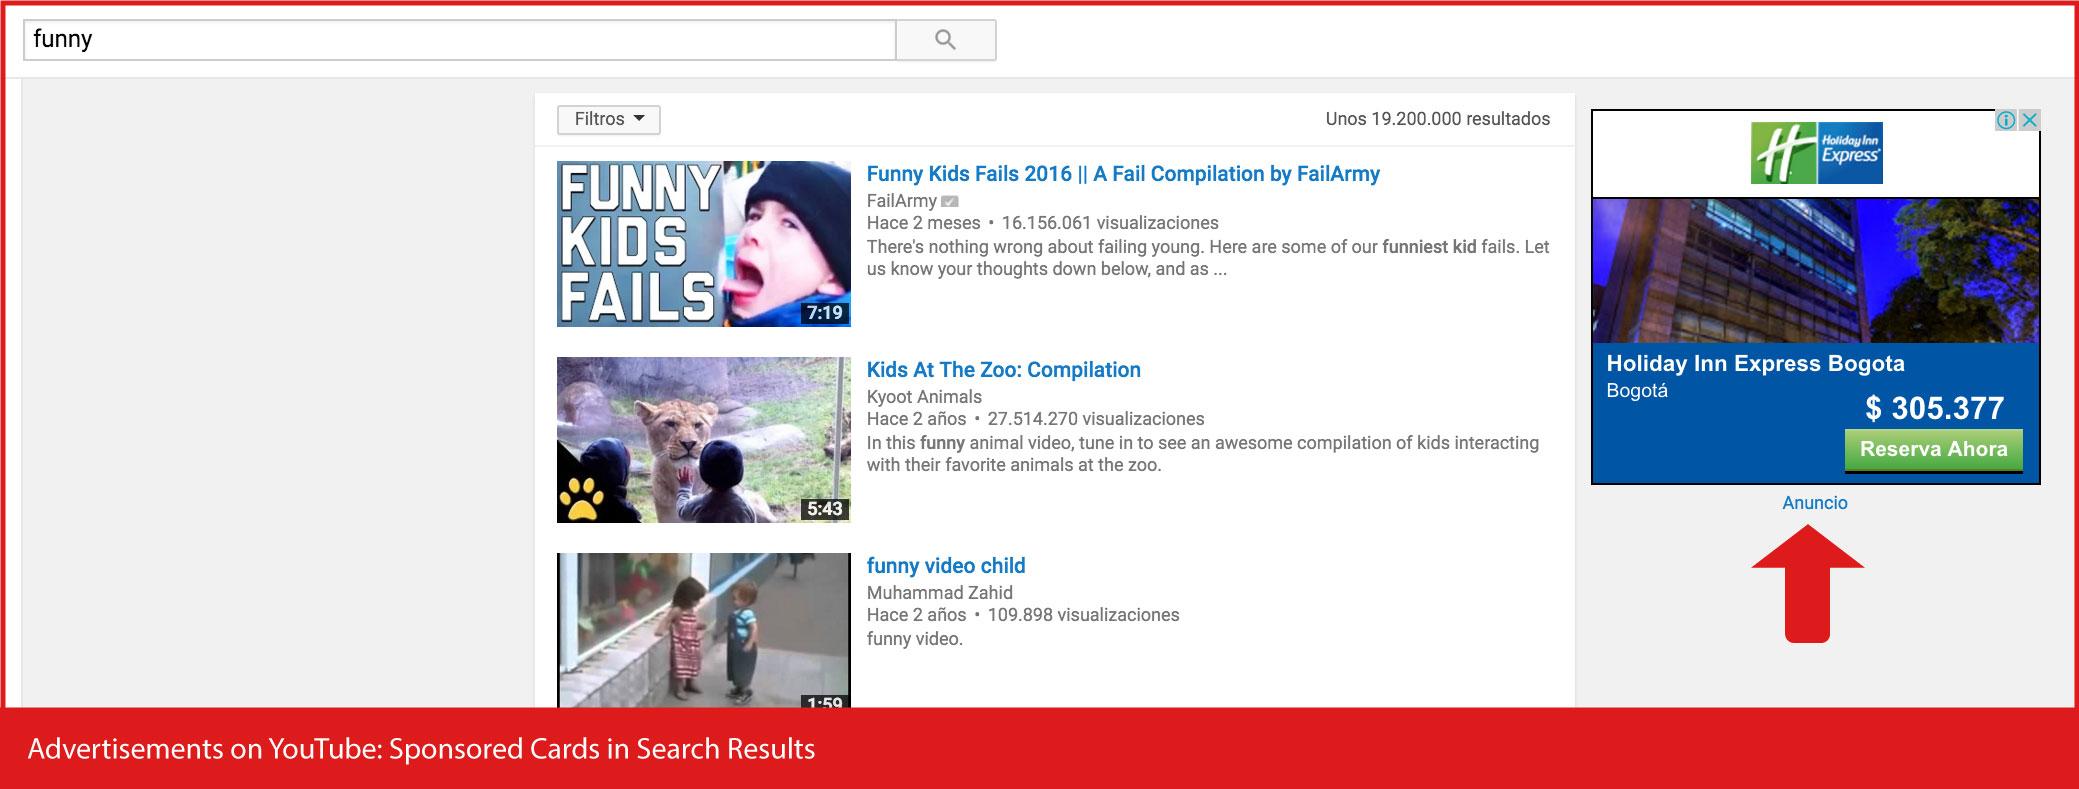 Advertisements-on-YouTube - Tarjetas-patrocinadas-en-Resultados-de-búsqueda